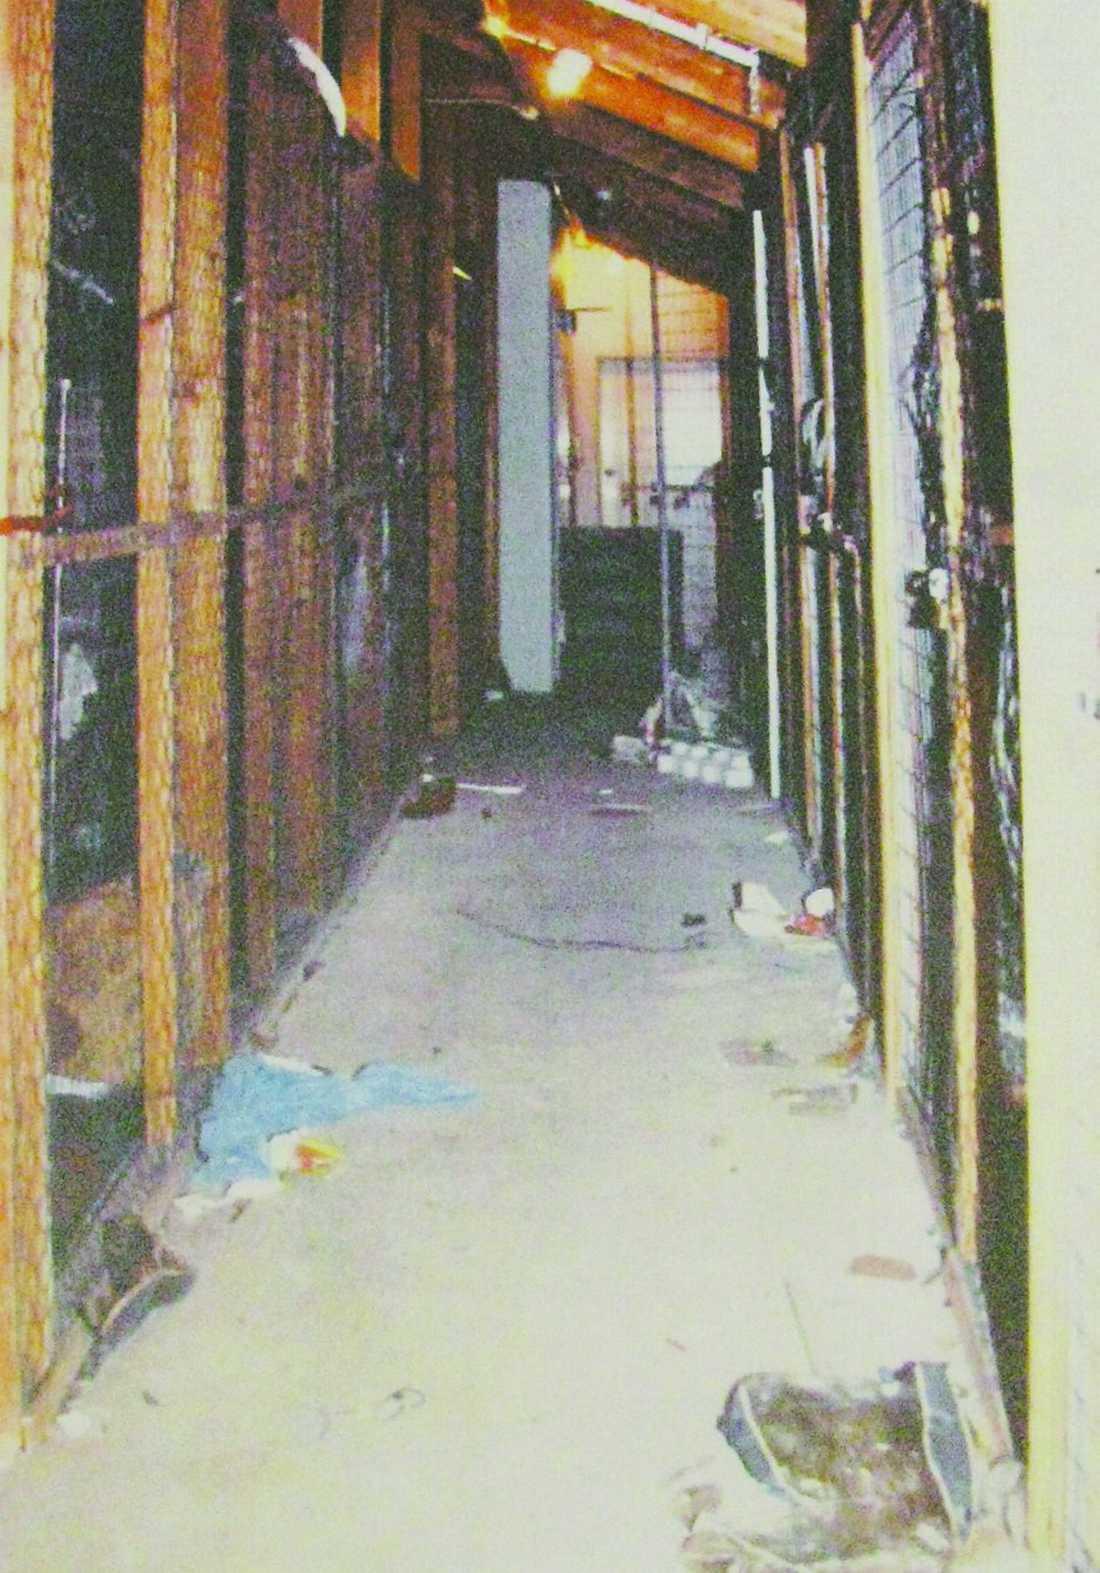 Här blev 12-åring utsatt I ett vindsförråd tvingades en 12-årig flicka att onanera och utföra oralsex på en man. Därefter våldtar ytterligare två män henne. Händelsen inträffade i november 2007.